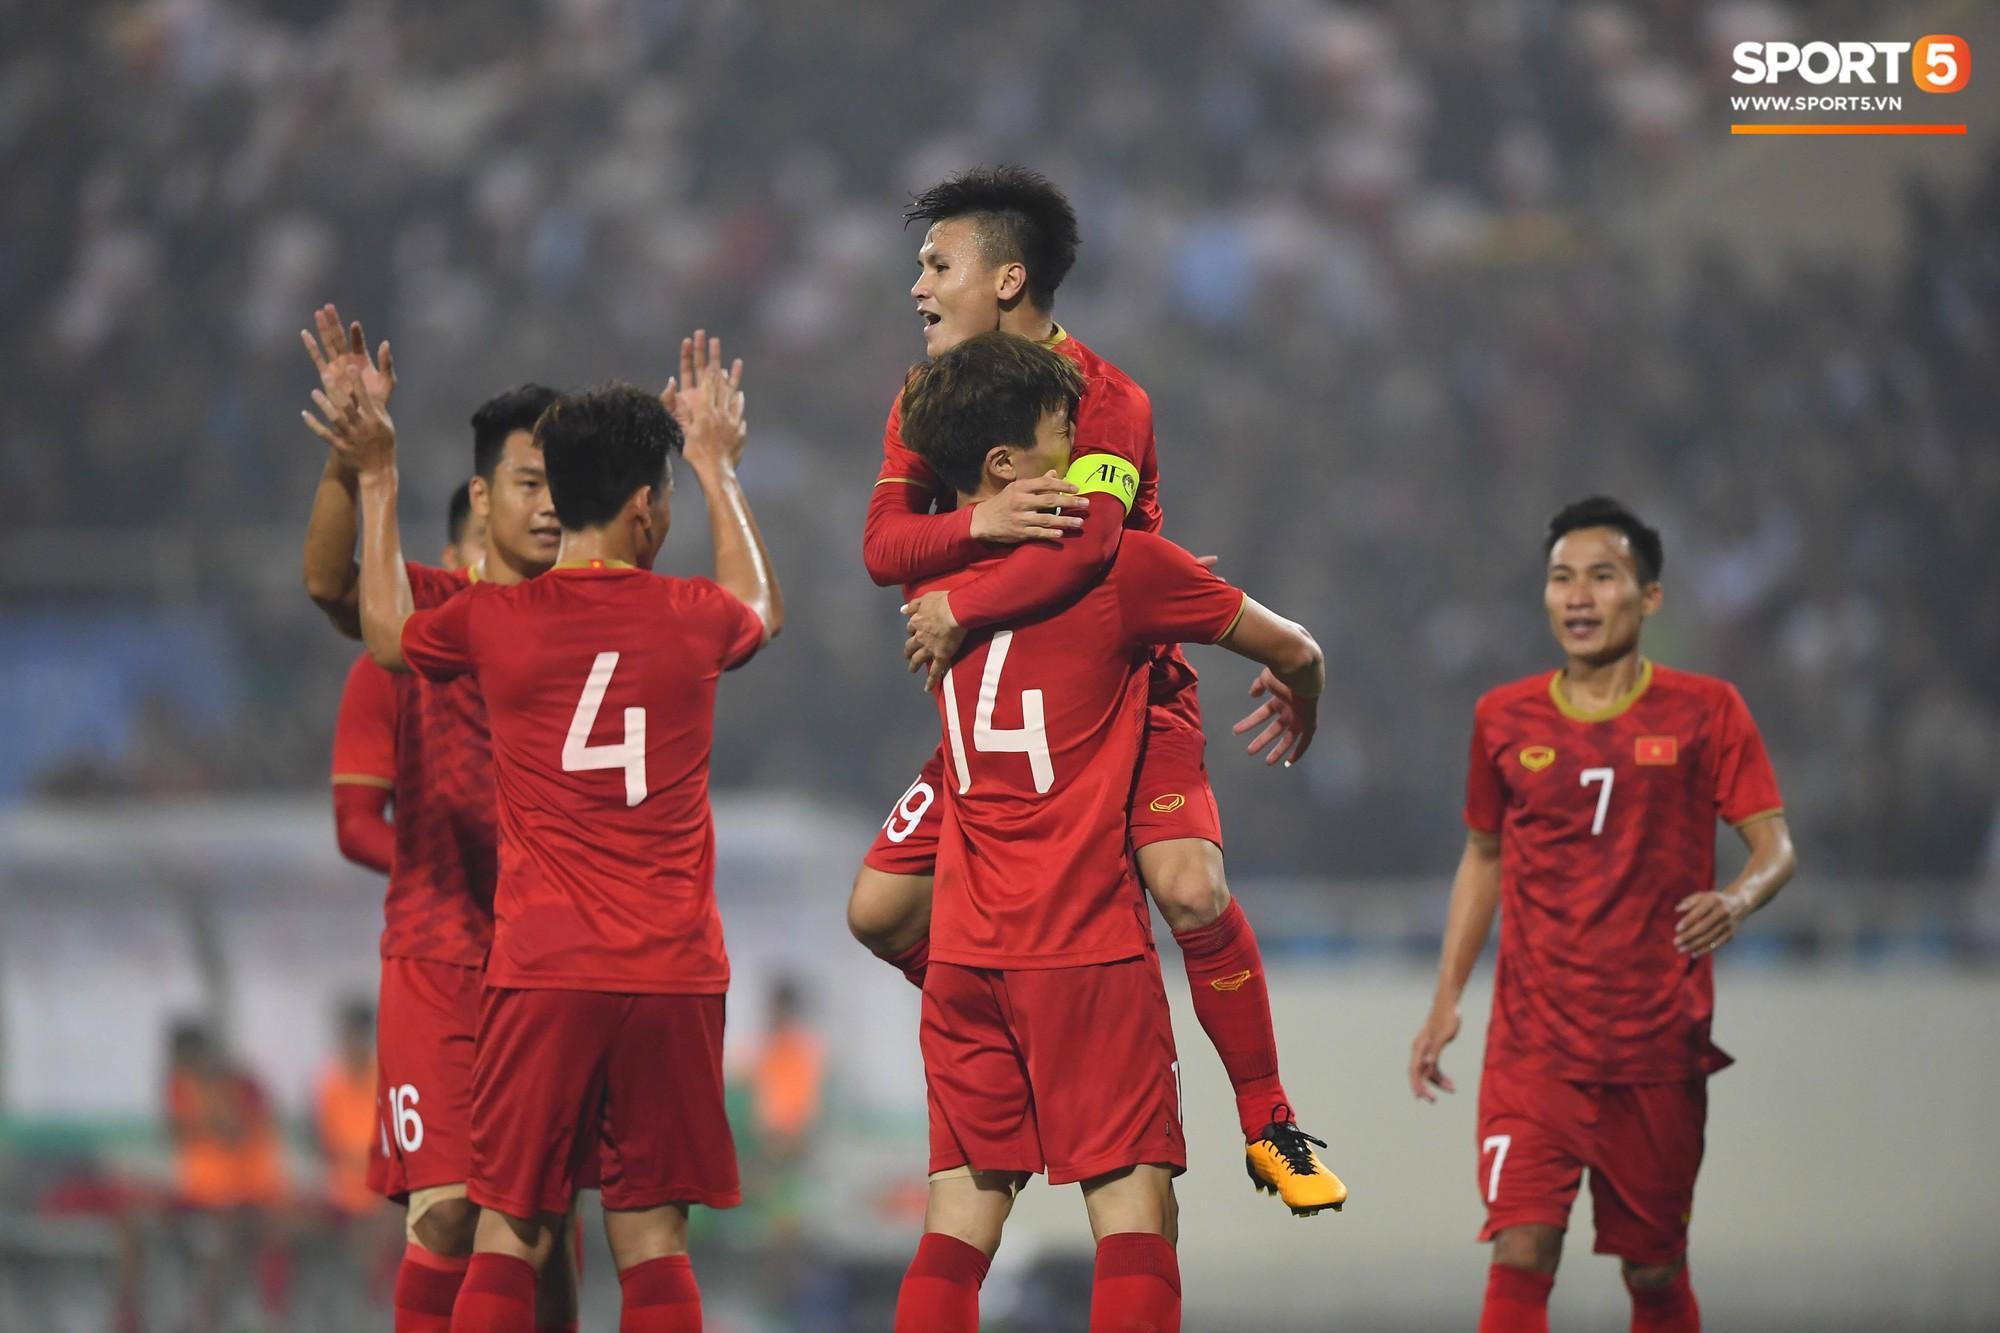 Bóng đá Thái Lan chịu thất bại nặng nề nhất trong lịch sử đối đầu với Việt Nam - Ảnh 3.